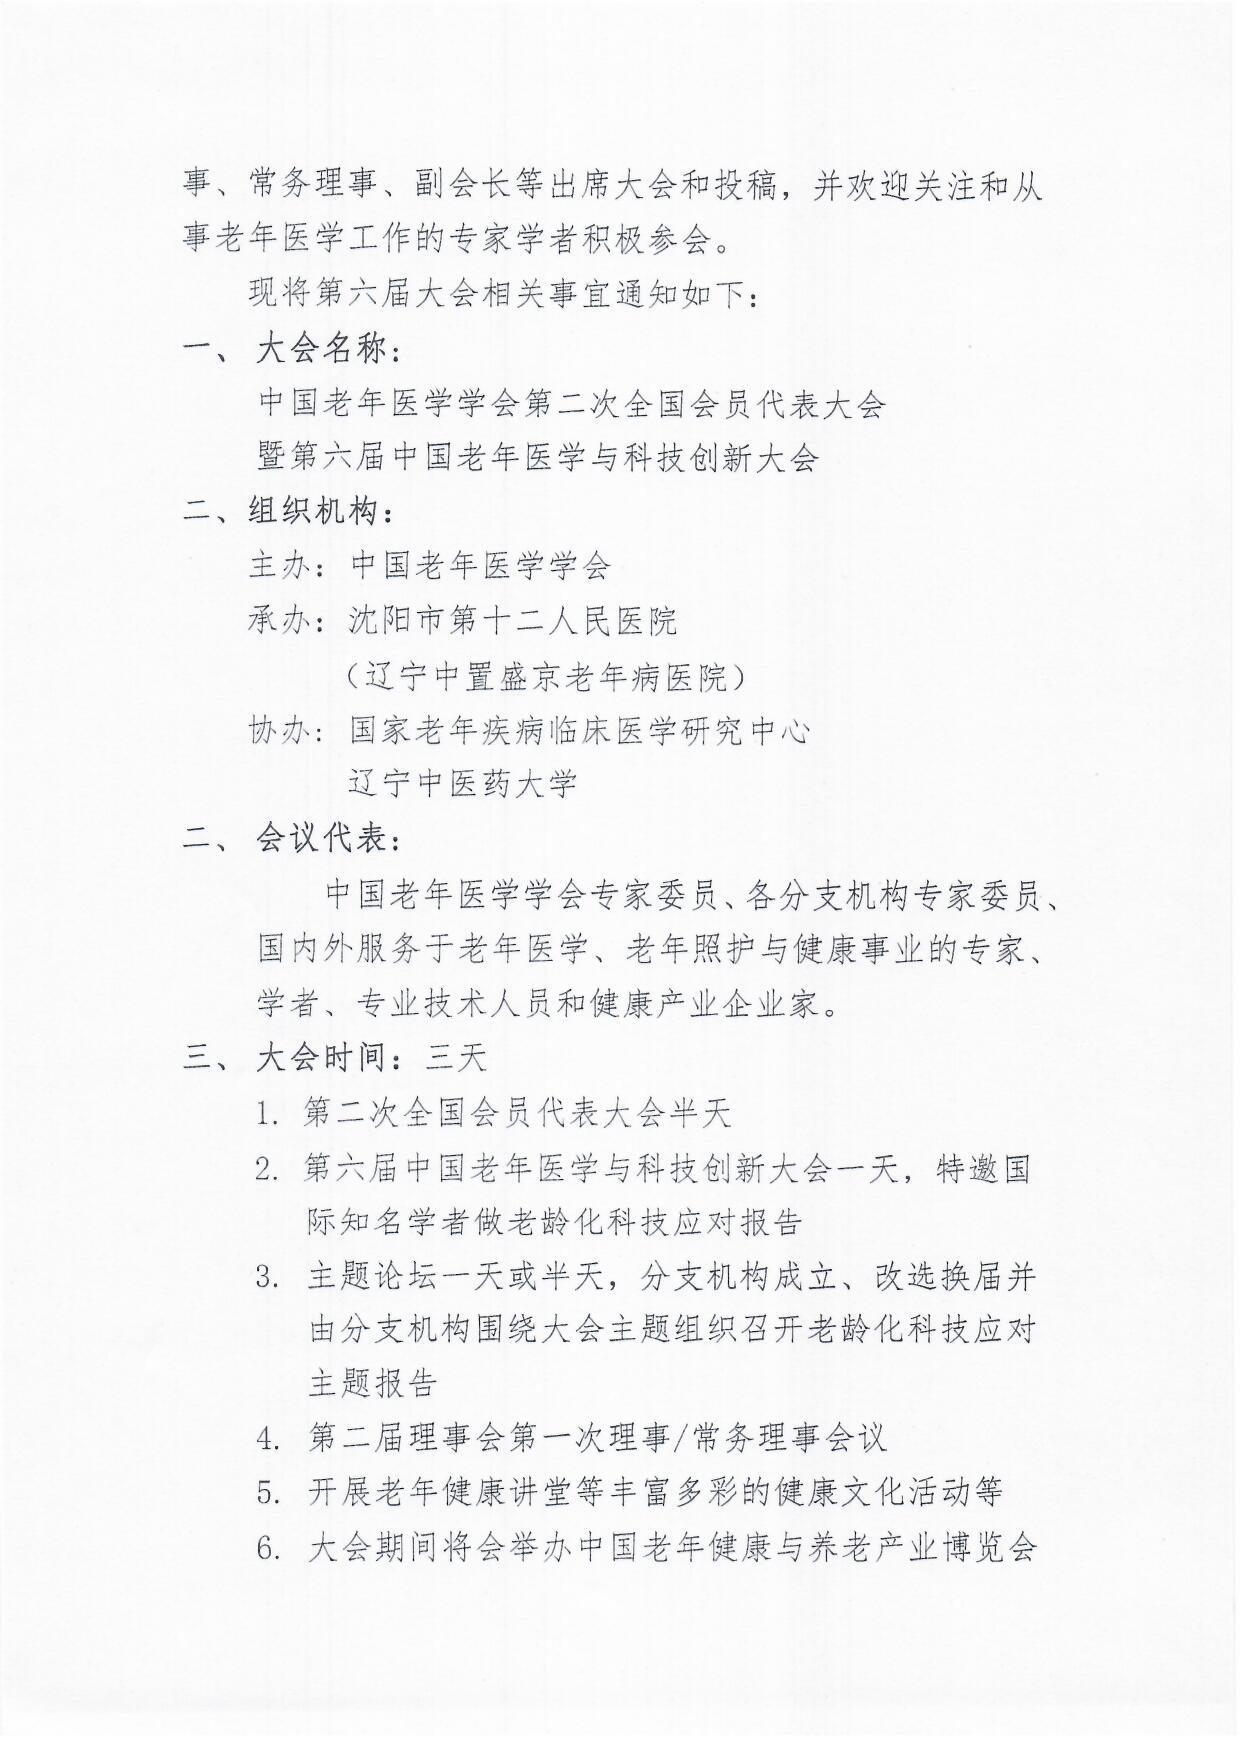 大会通知 第六届中国老年医学与科技创新大会(改后的)0109_页面_2.jpg